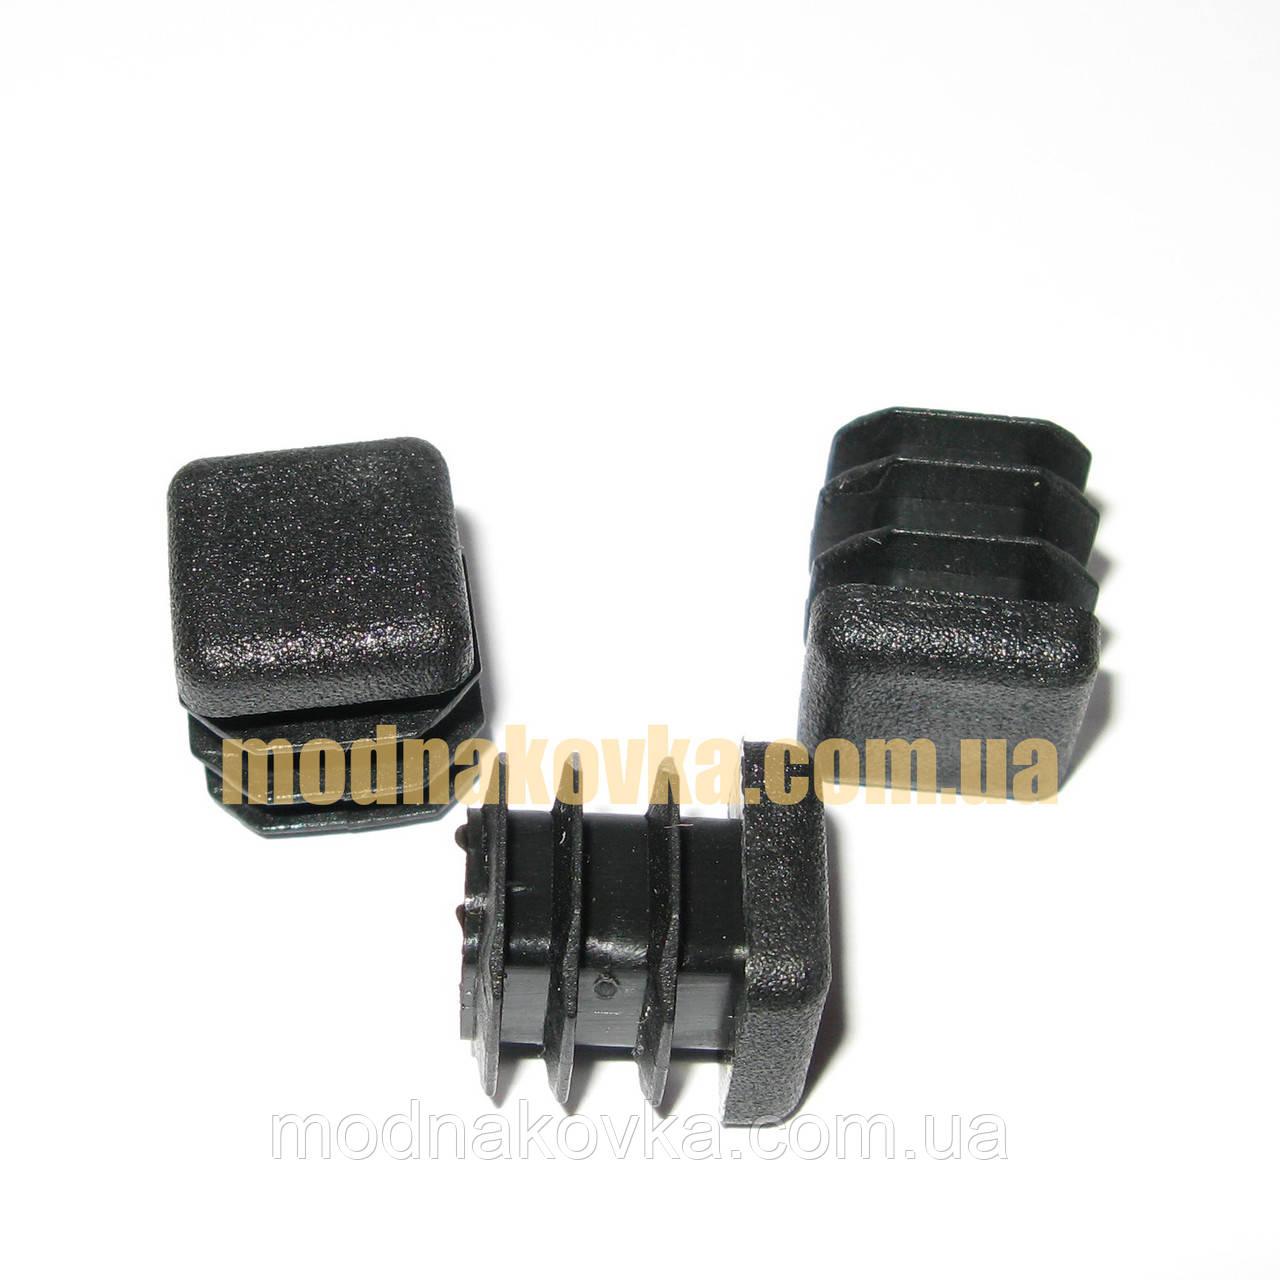 Заглушка пластиковая квадратная 15х15 мм черная